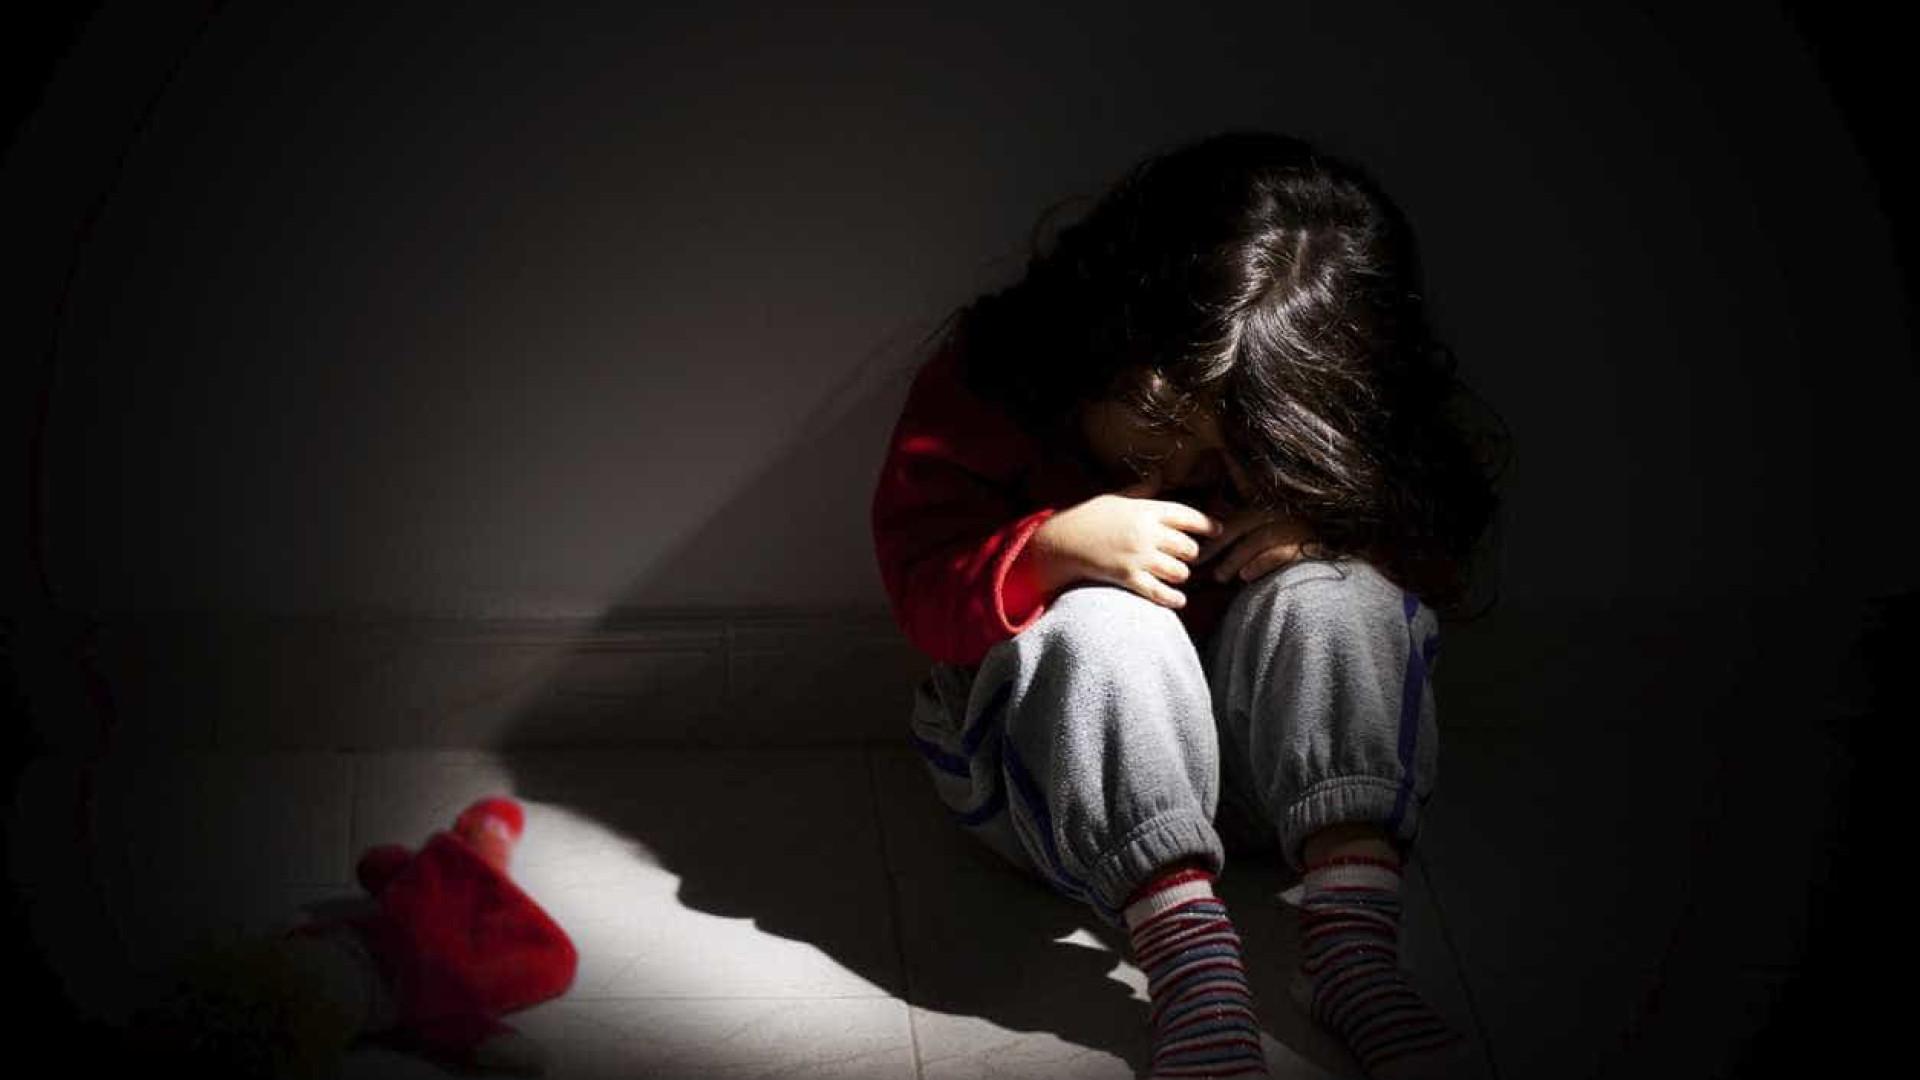 Açores: Homem de 25 anos suspeito de violar familiar de 13 anos